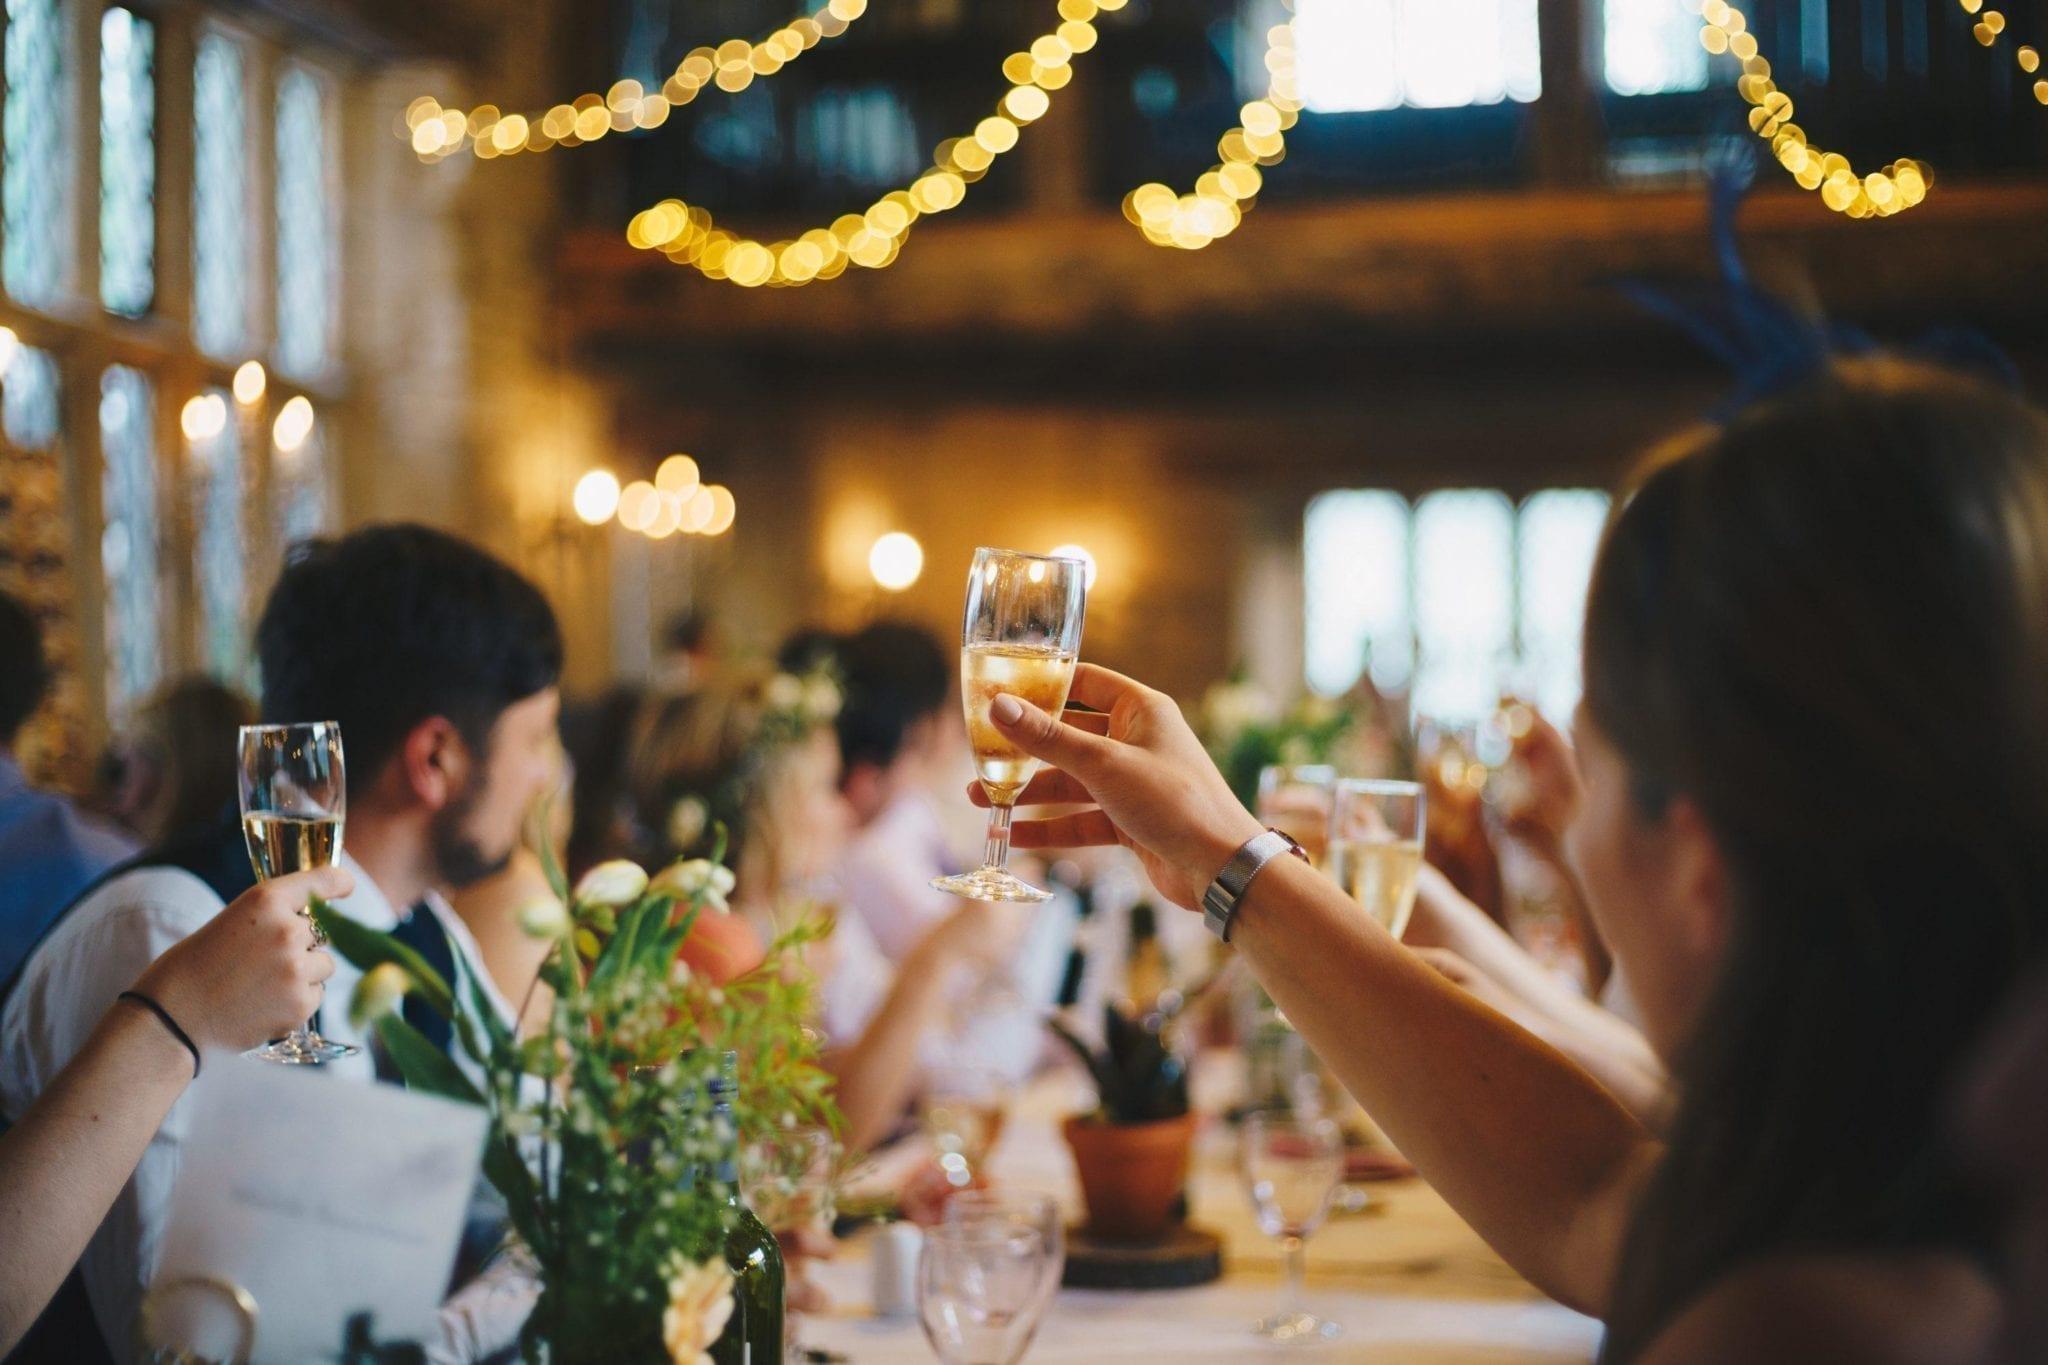 Hääjuhla ja maljan kohotus